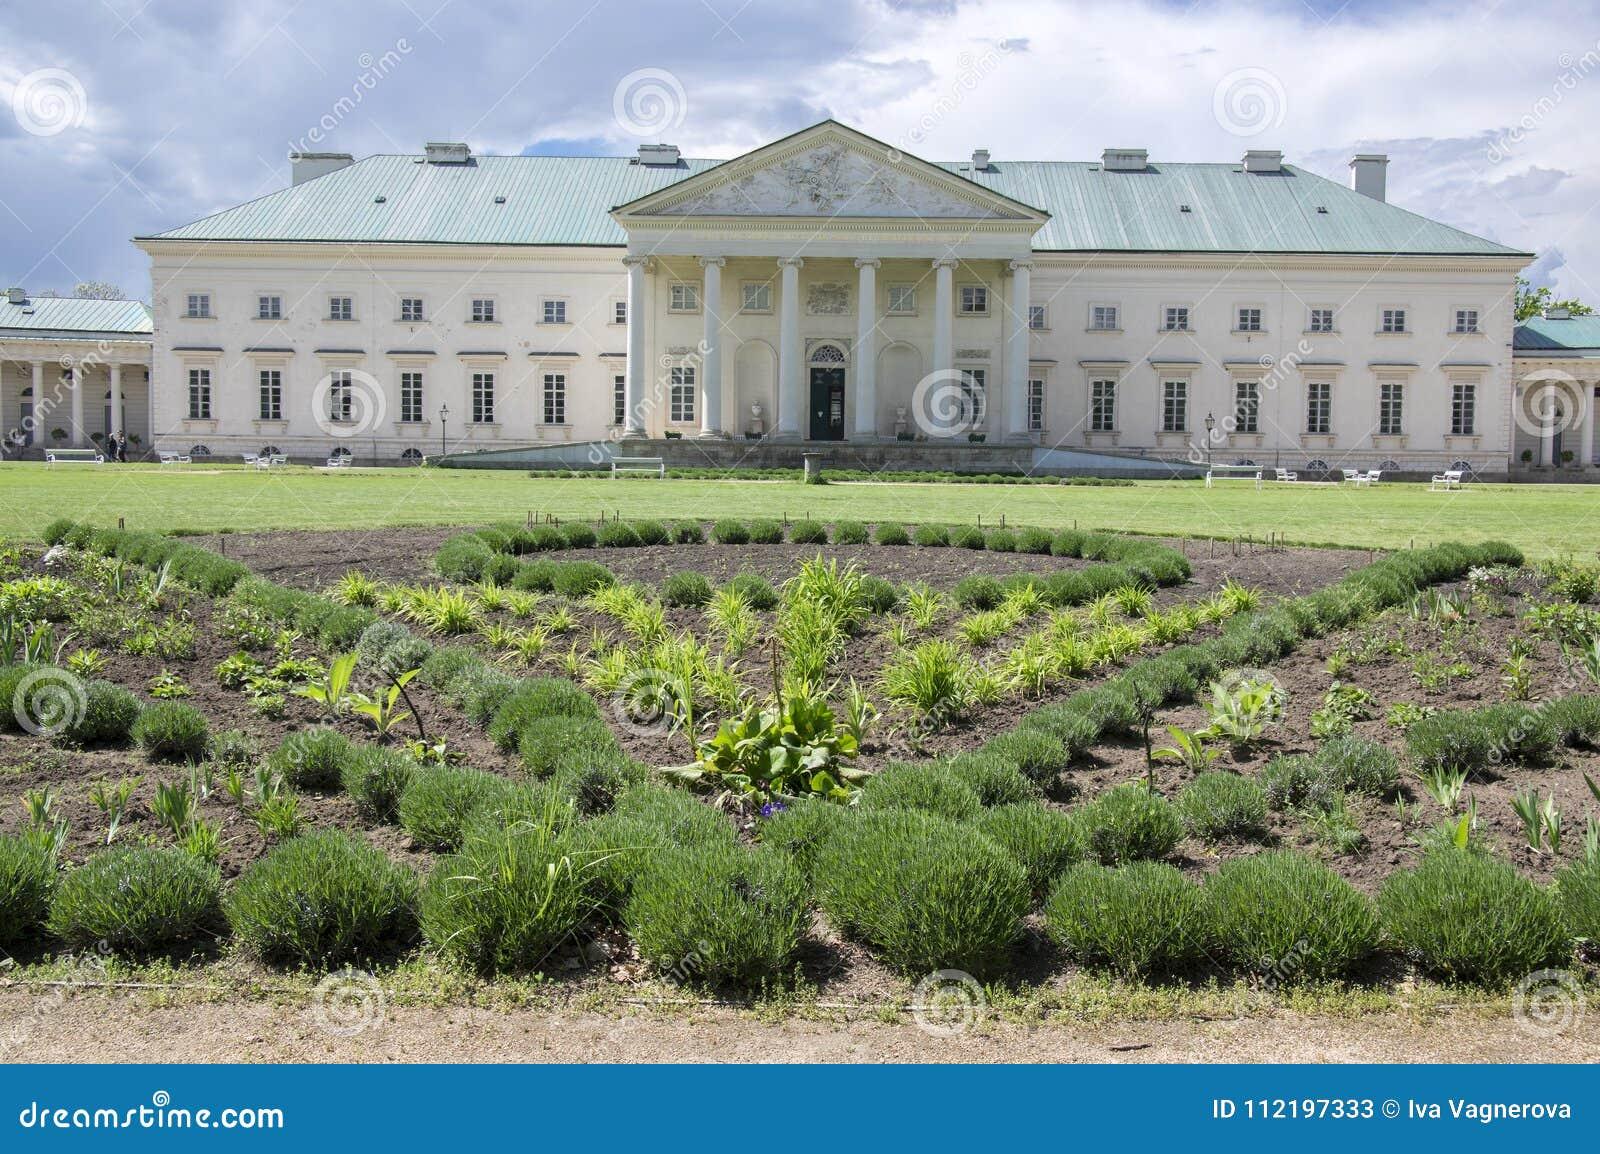 Kacina, palazzo storico di stile dell impero nella regione di quintale della repubblica Ceca, della proprietà nazionale, della pi